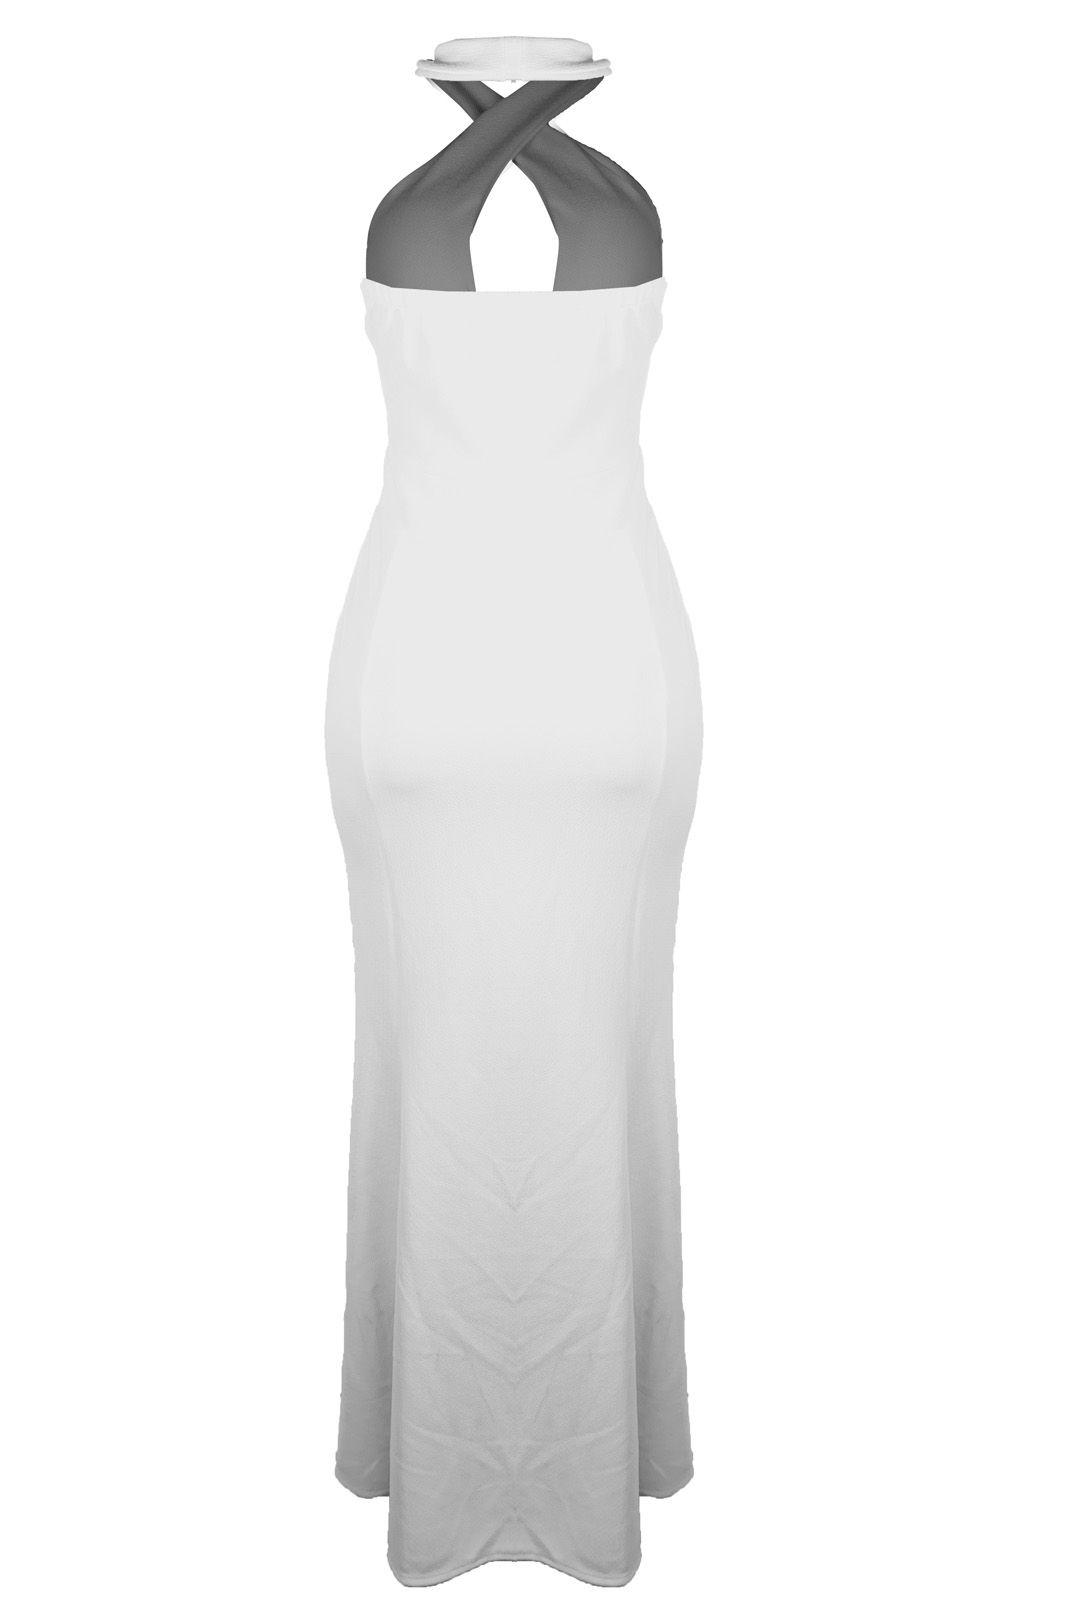 Vestido Outlet Dri Crepe Frente Única Longo Tubinho Decote Gota Fenda Branco